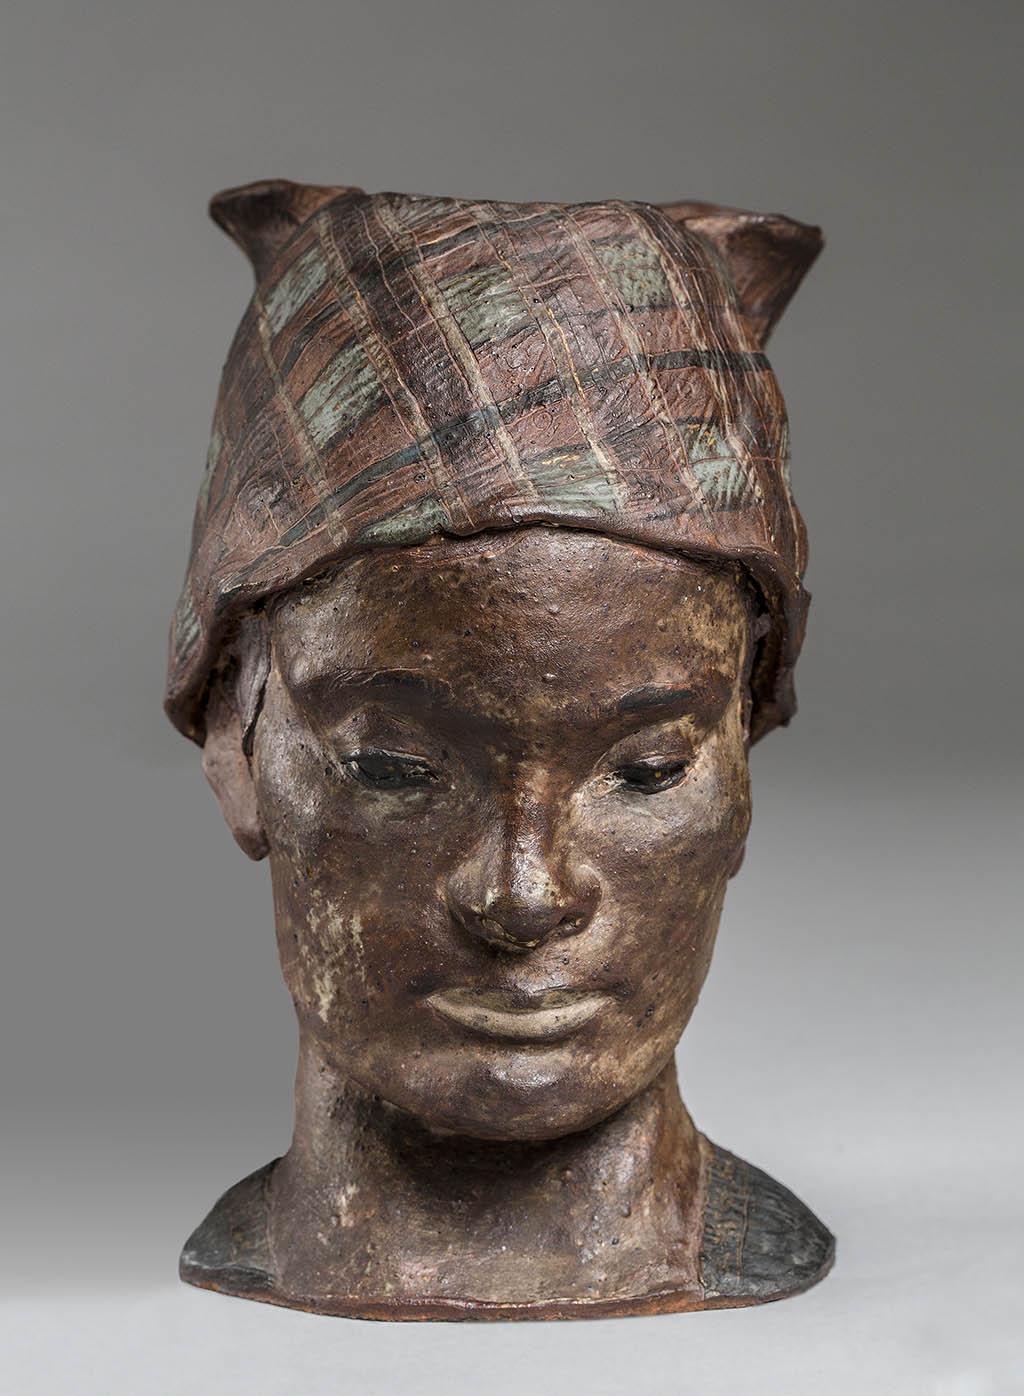 Поль Гоген Голова женщины с Мартиники в косынке 1887-1888 Неглазурованная керамика